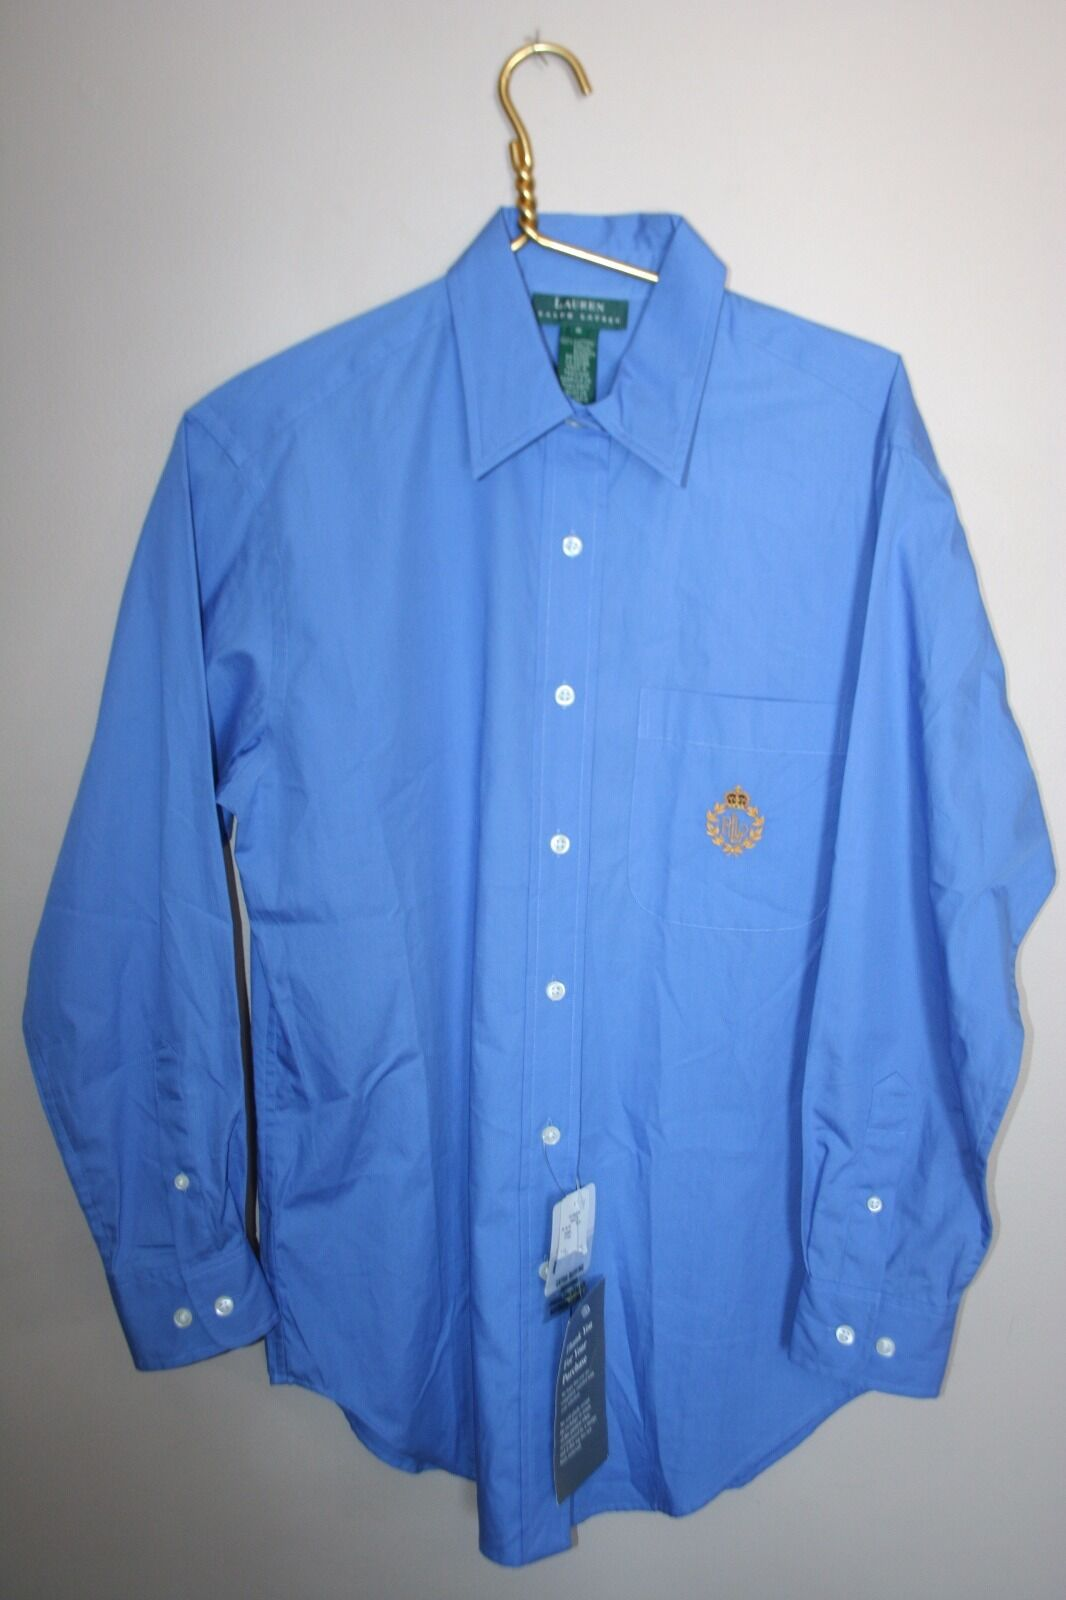 NWTWomen's Size 6SolidSky blueeClassicLong SleeveButton Front Dress Shirt